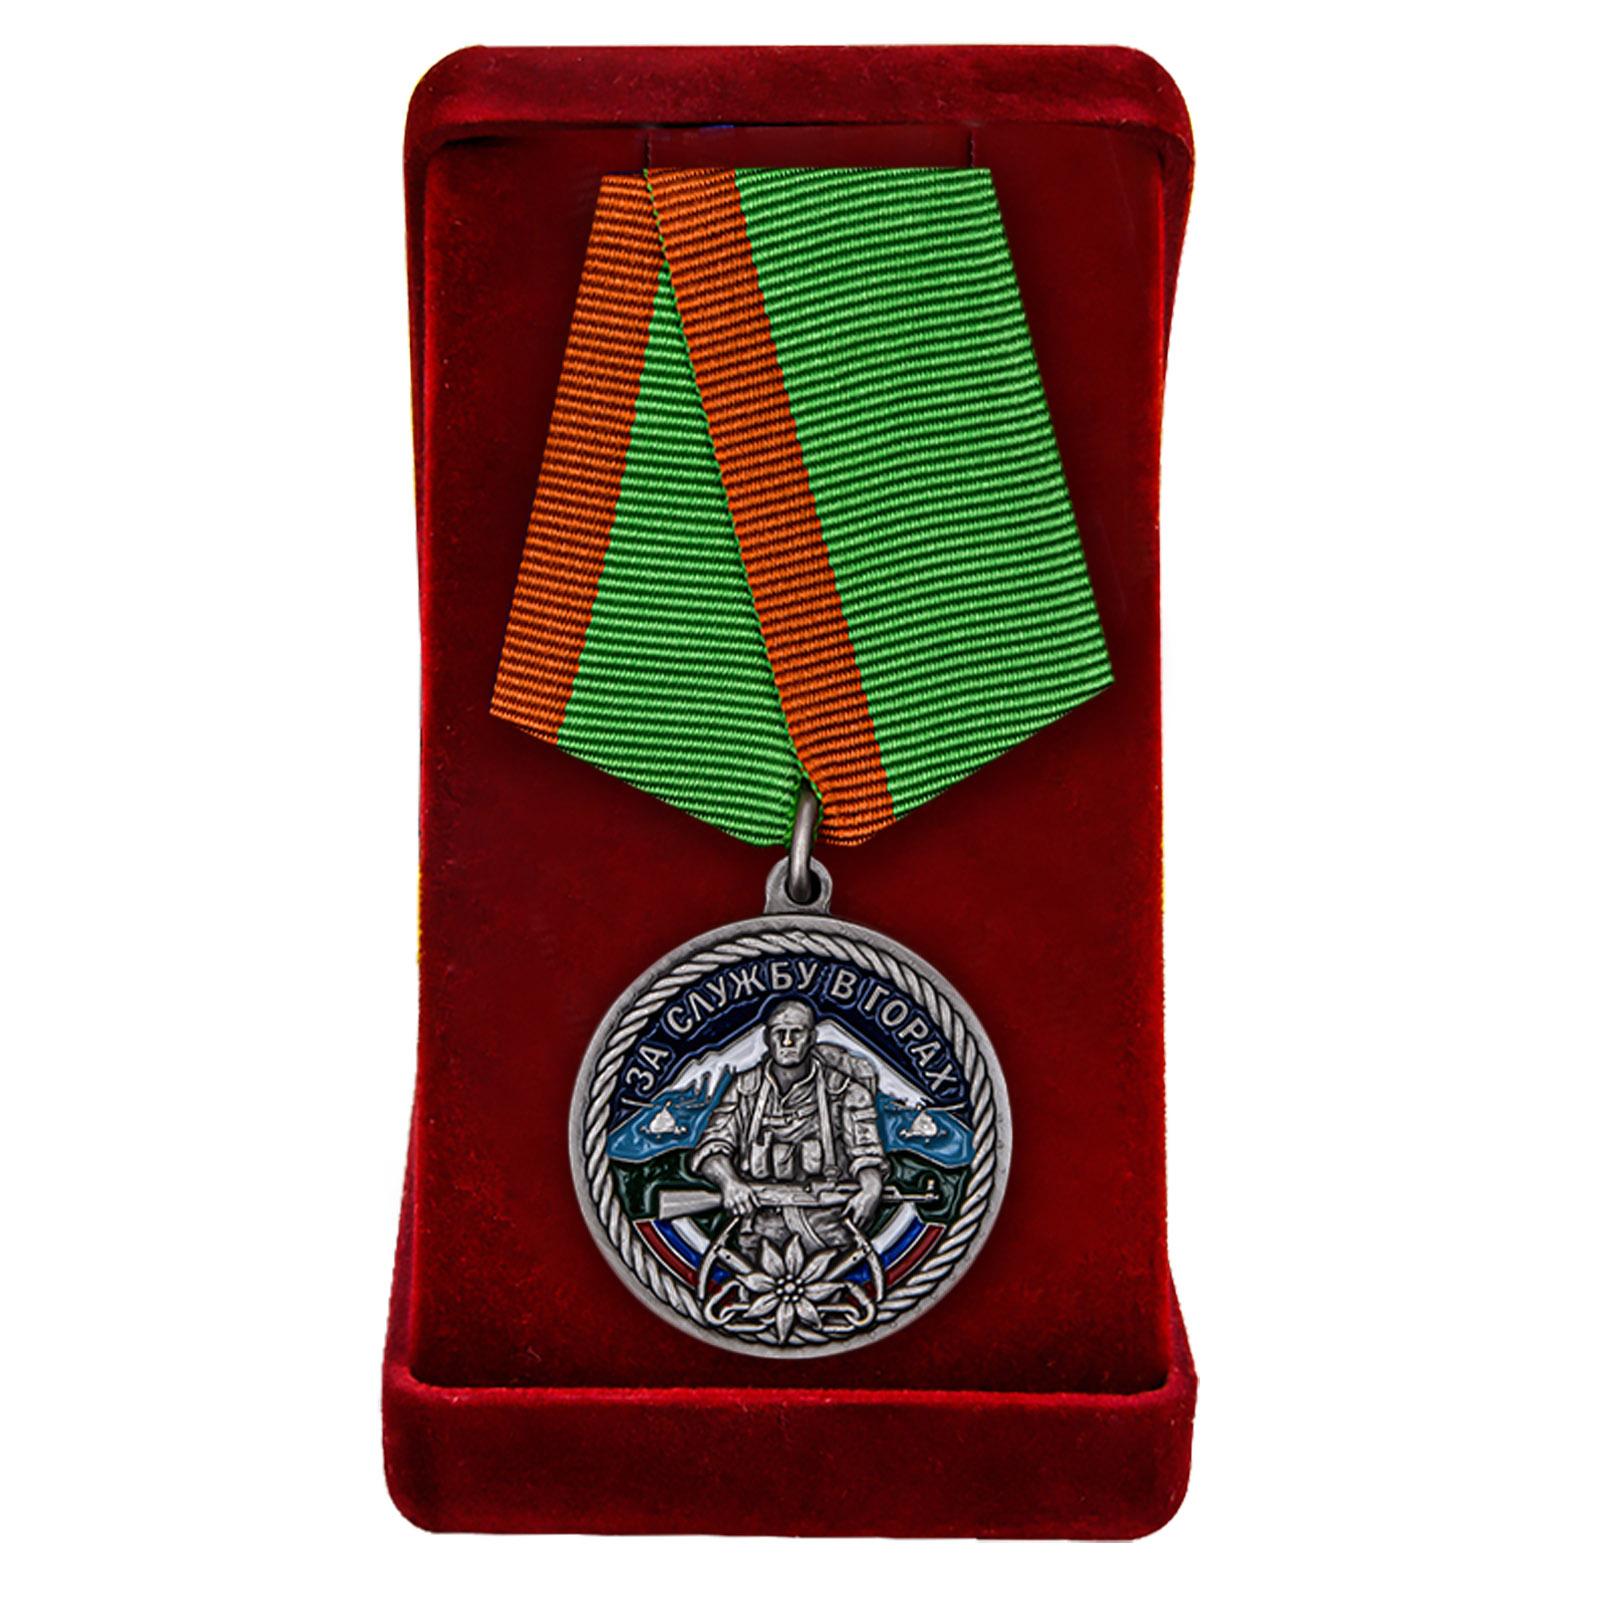 Купить памятную медаль За службу в горах в красивом подарочном футляре в подарок